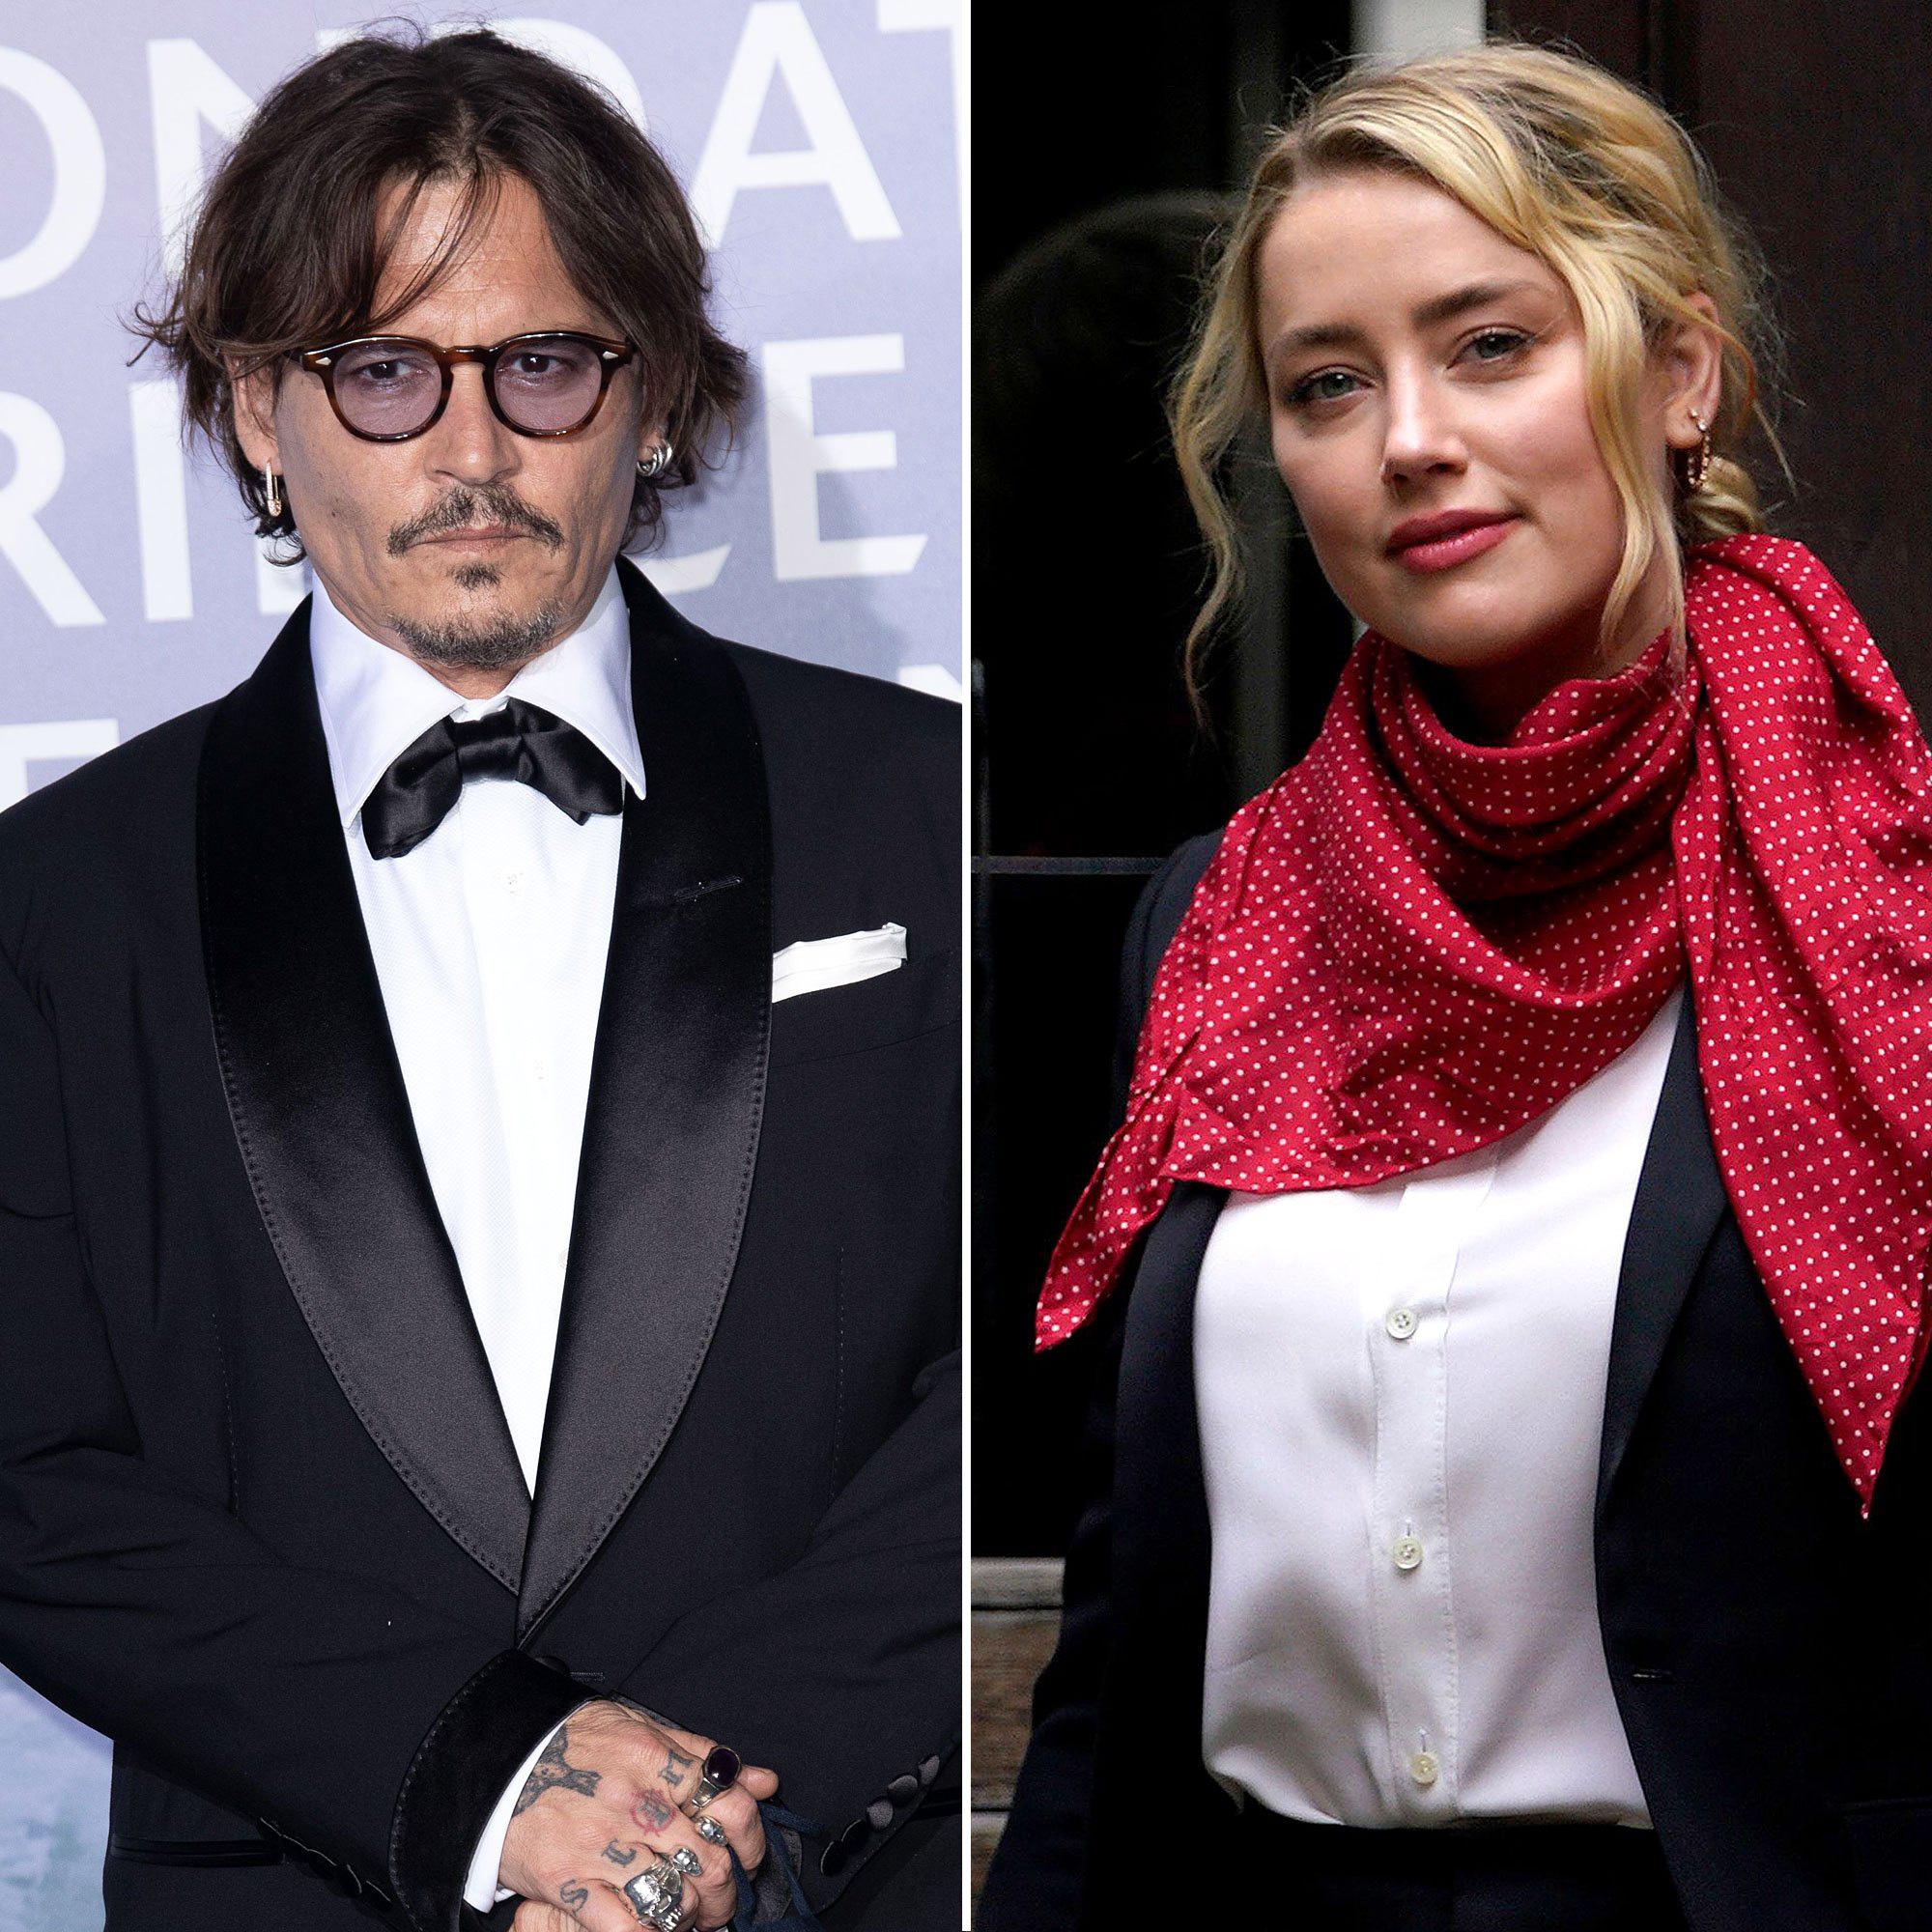 NÓNG: Tài tử sát nhân ăn thịt người chính thức thế chỗ Johnny Depp ở vũ trụ Harry Potter - Ảnh 3.